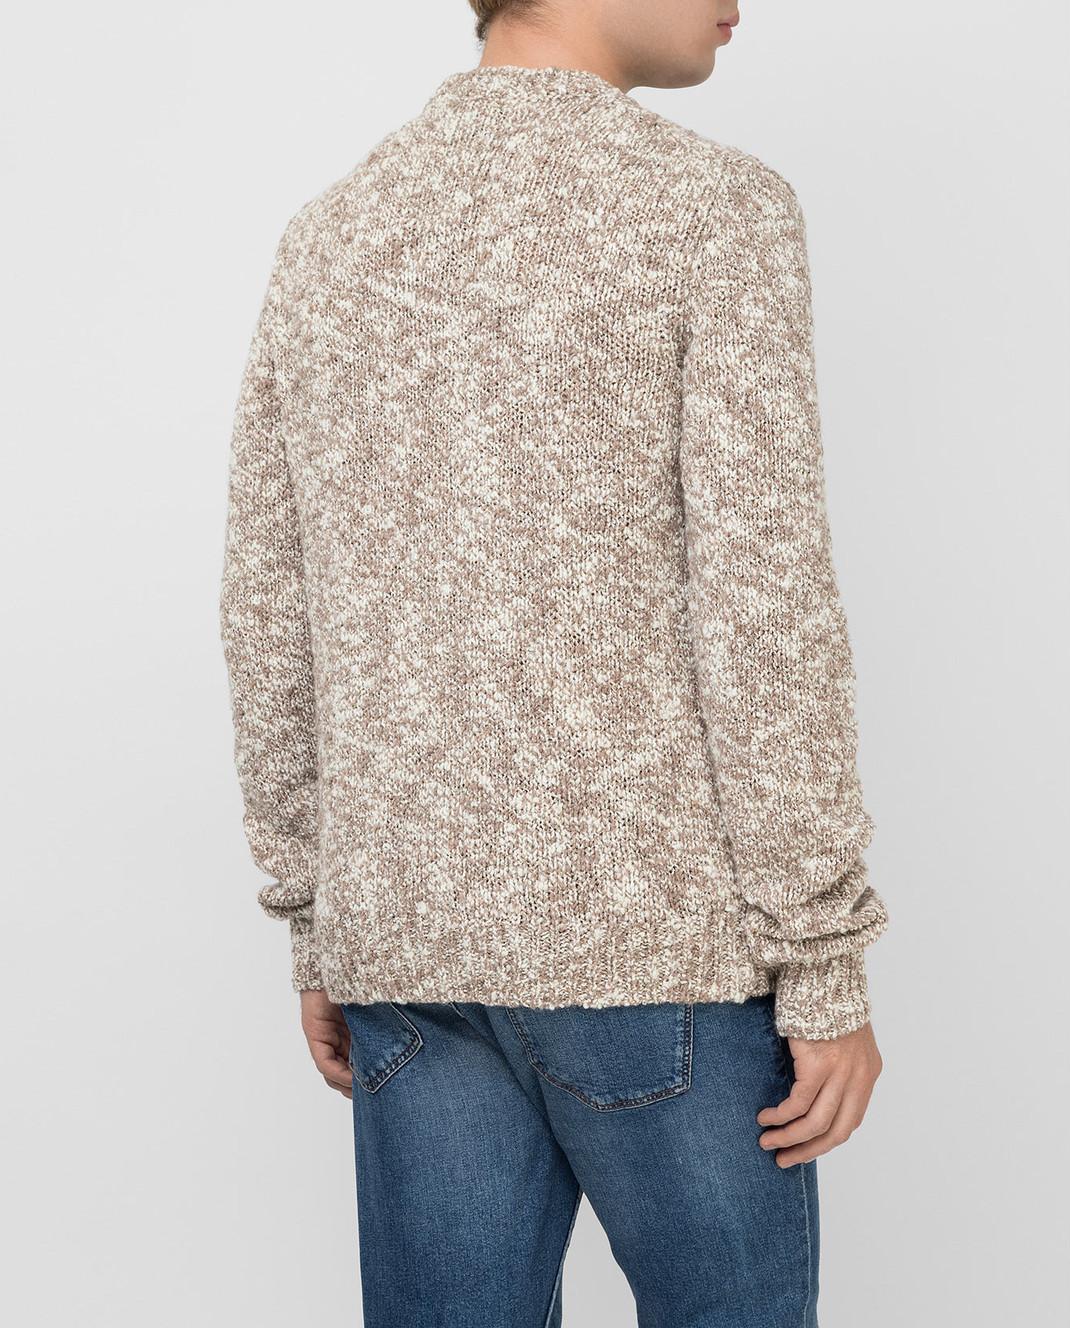 Dolce&Gabbana Бежевый свитер из шерсти изображение 4